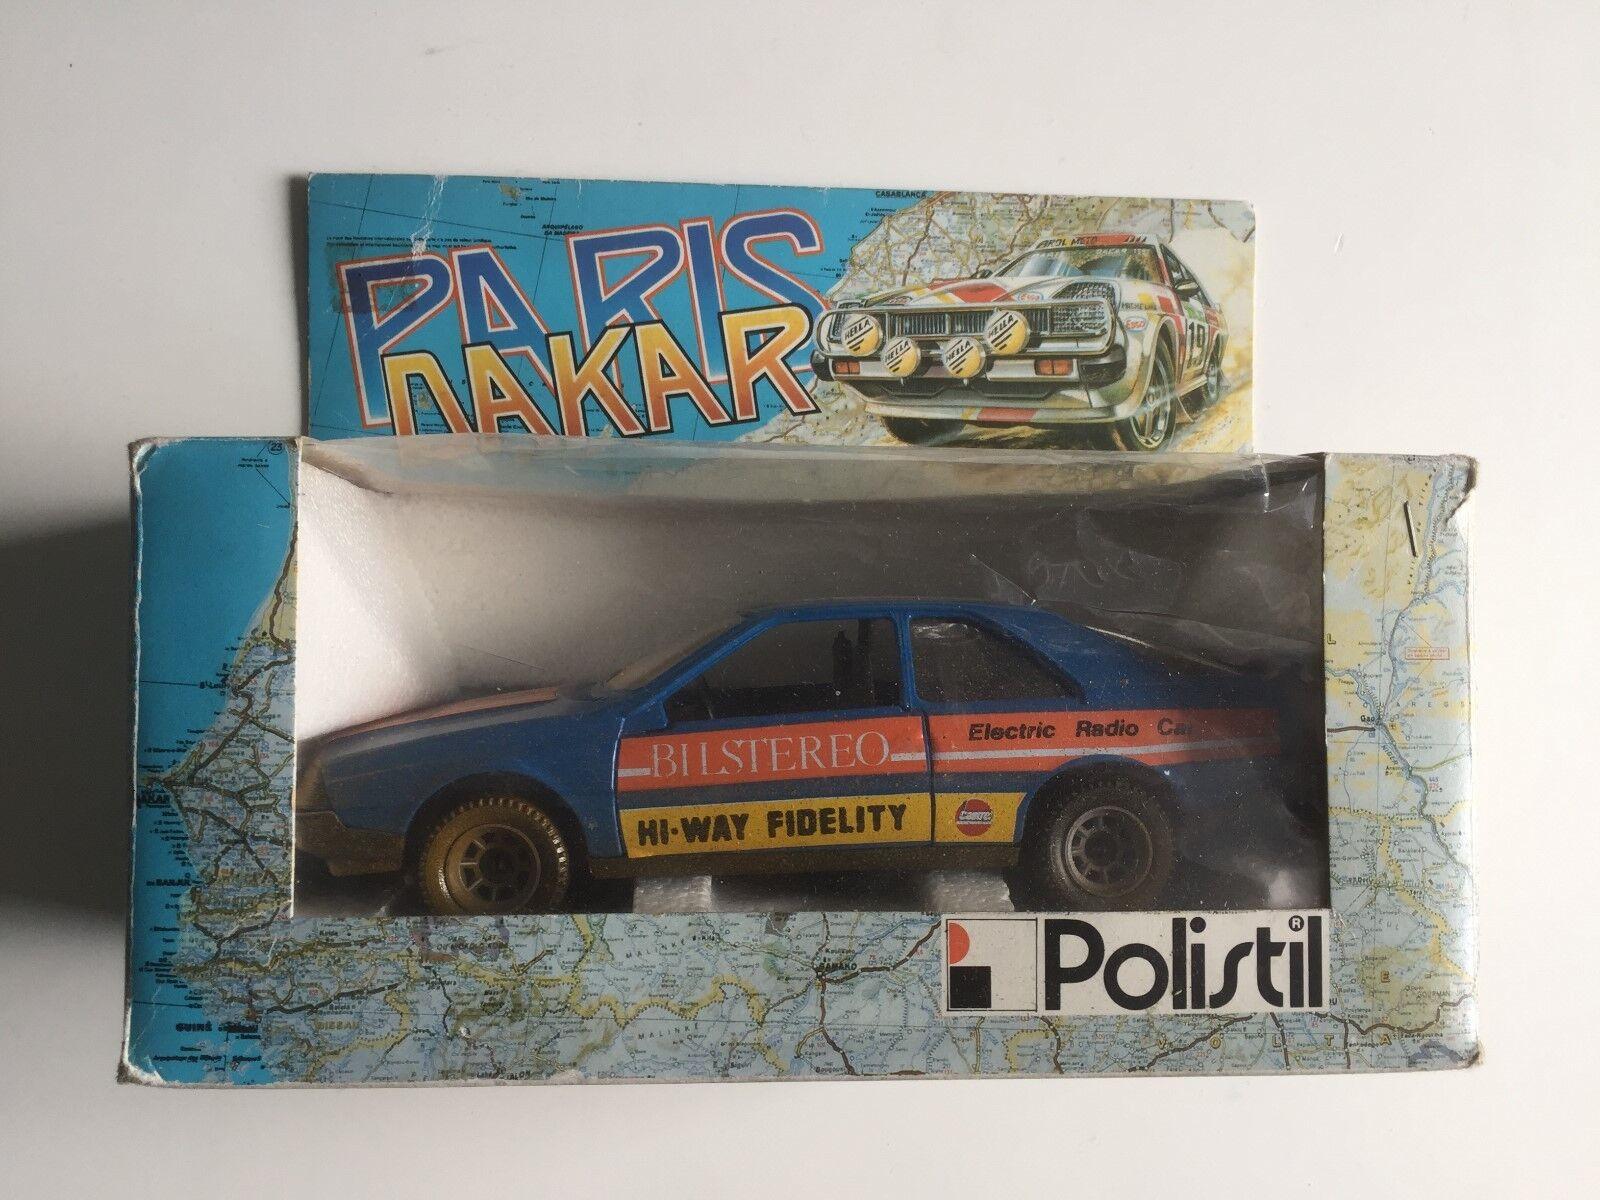 POLISTIL Parigi Dakar RENAULT 7 bilstereo modello di auto auto 1:24 IN SCATOLA ORIGINALE RALLY